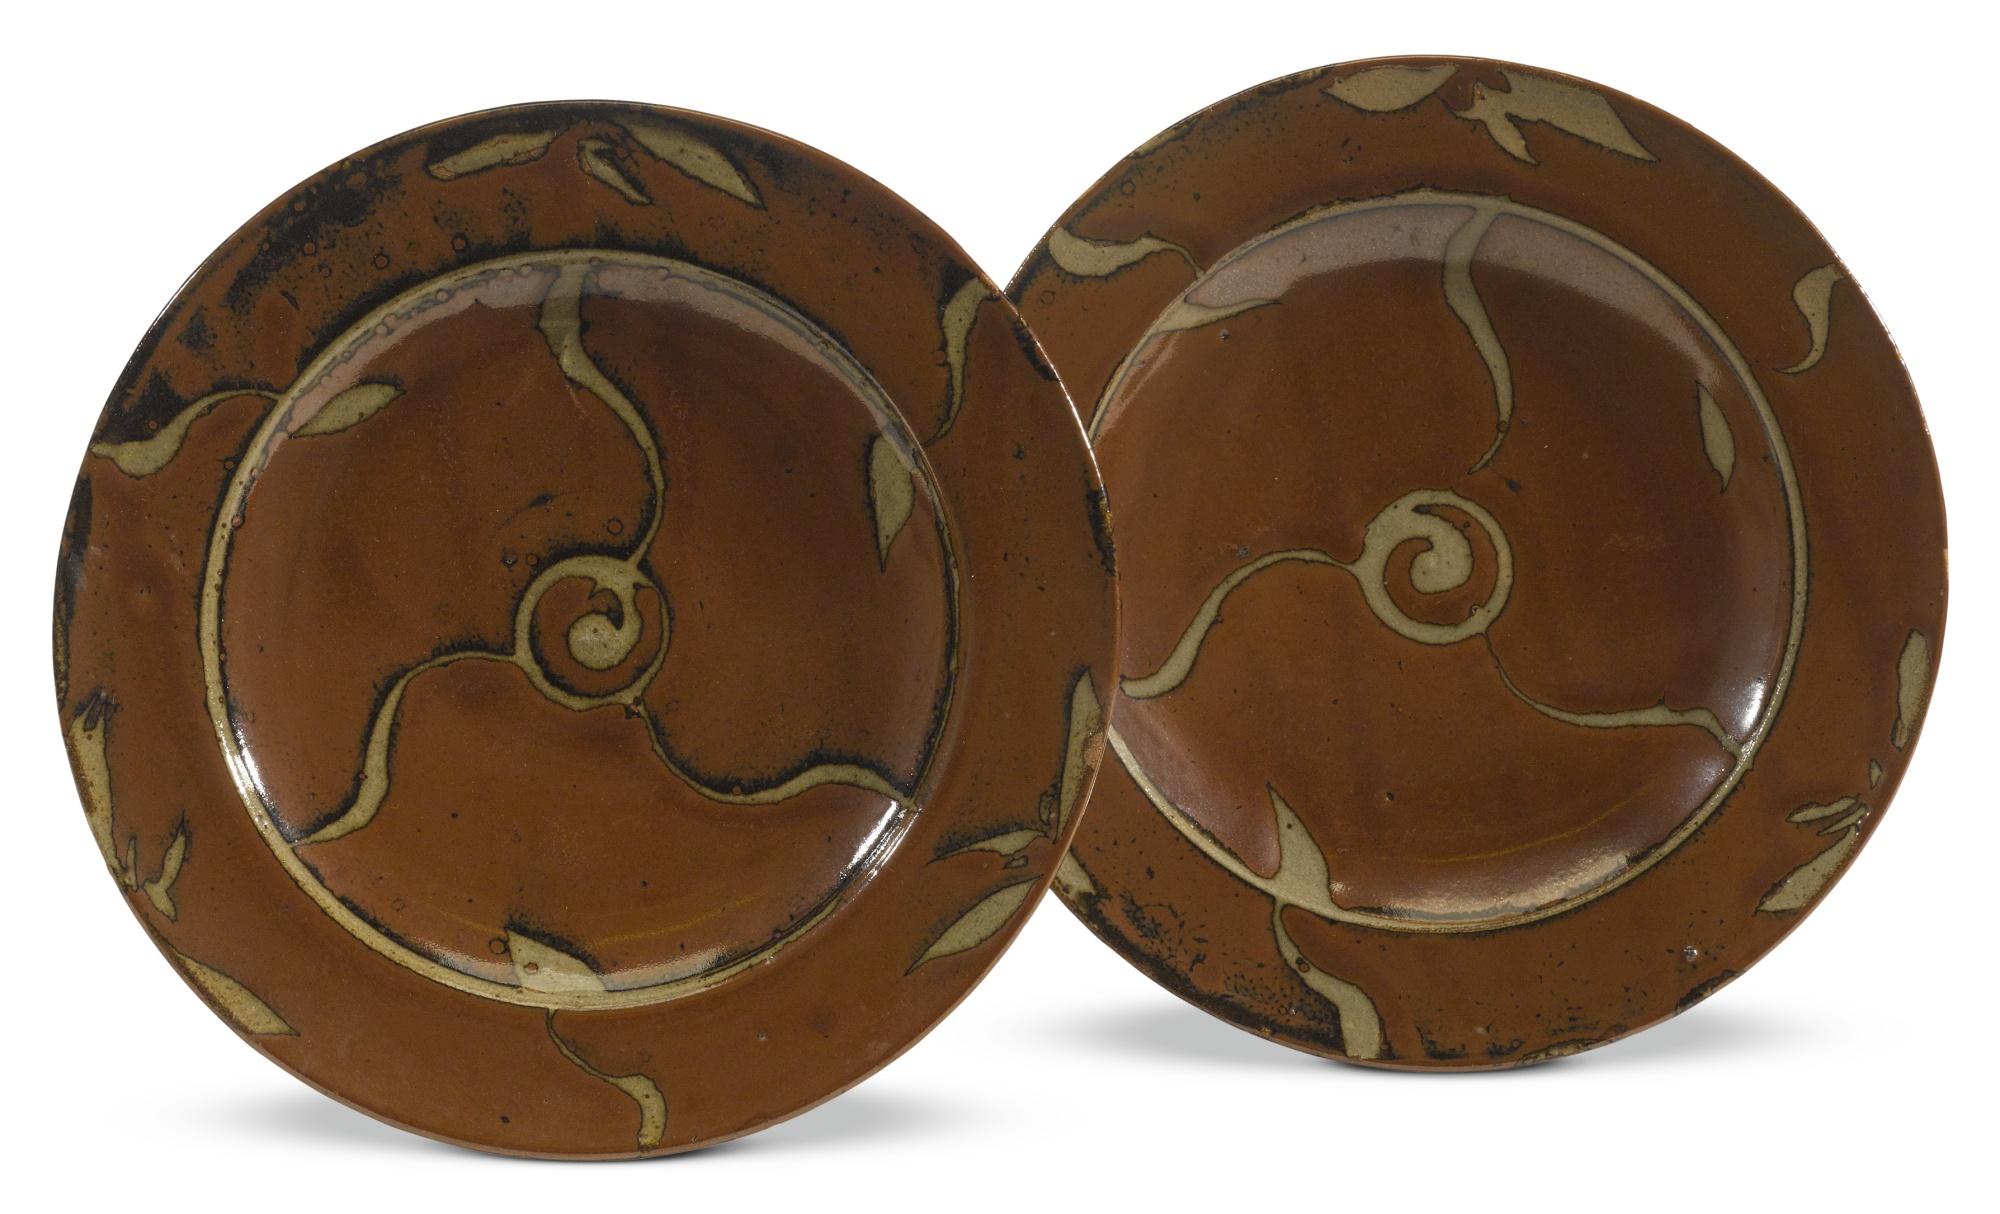 Shoji Hamada-Two Plates-1940